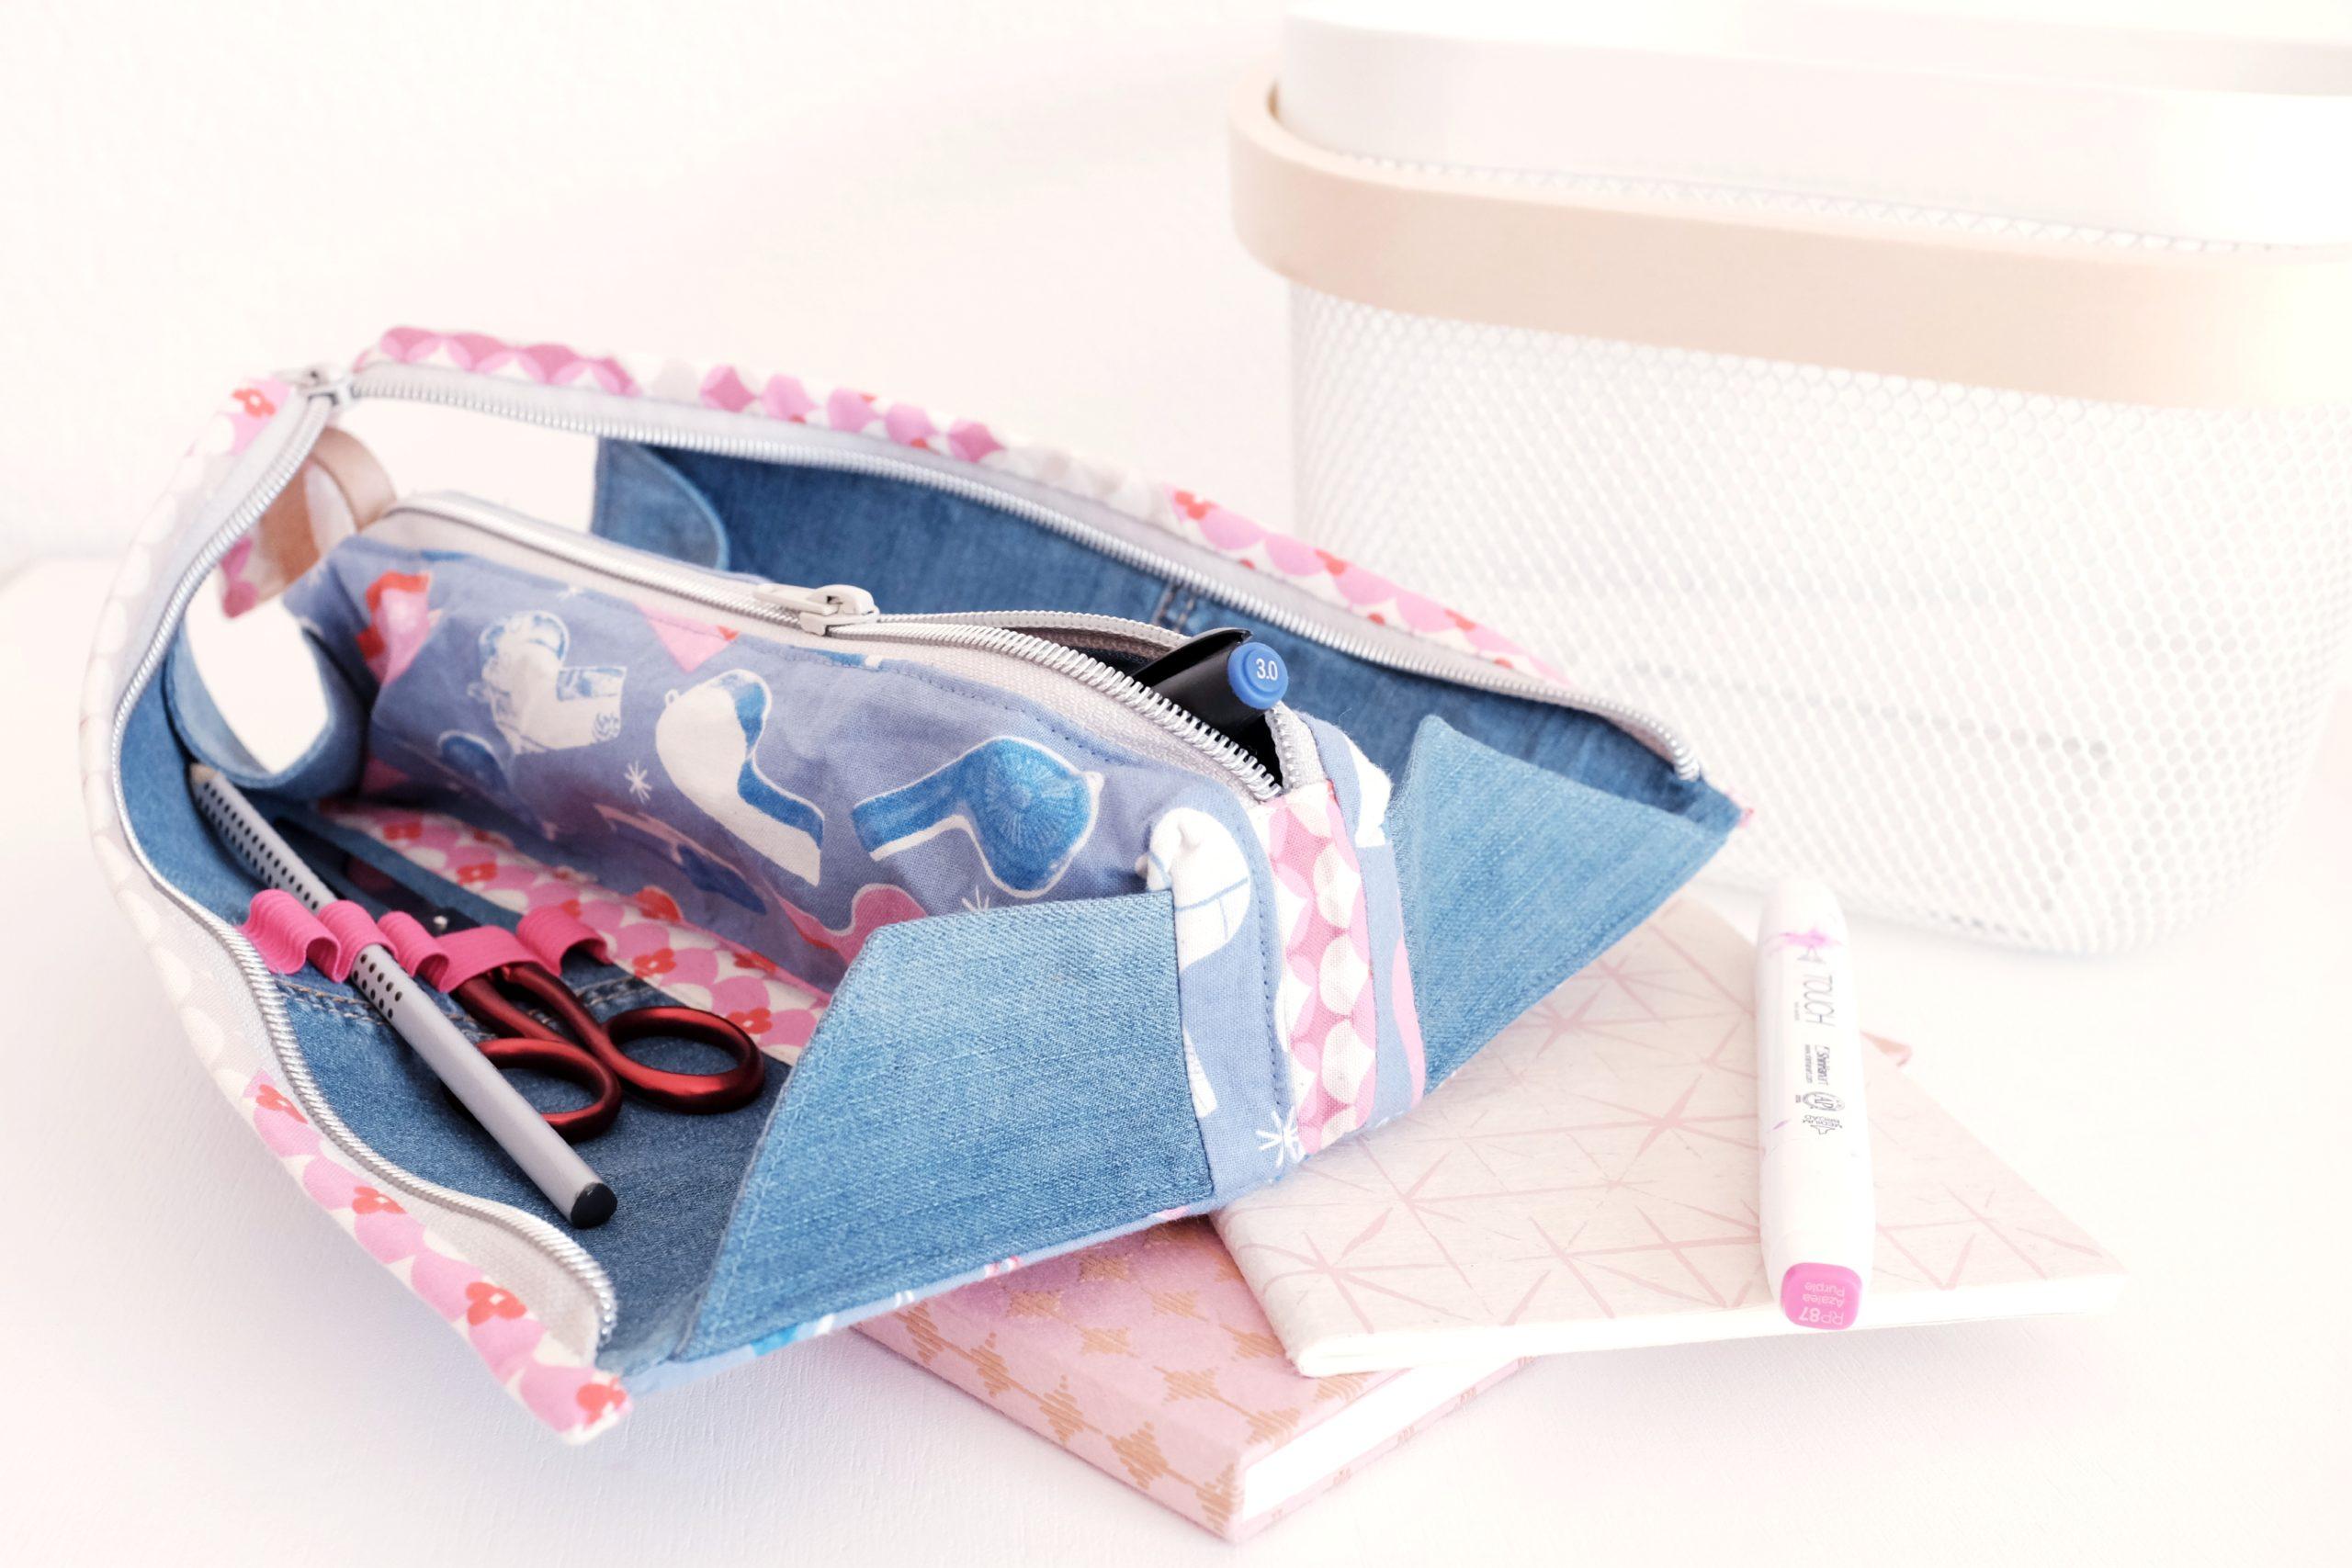 Maeppchen_Tasche_LA_Designbeispiel_naadisnaa_jeans_innen